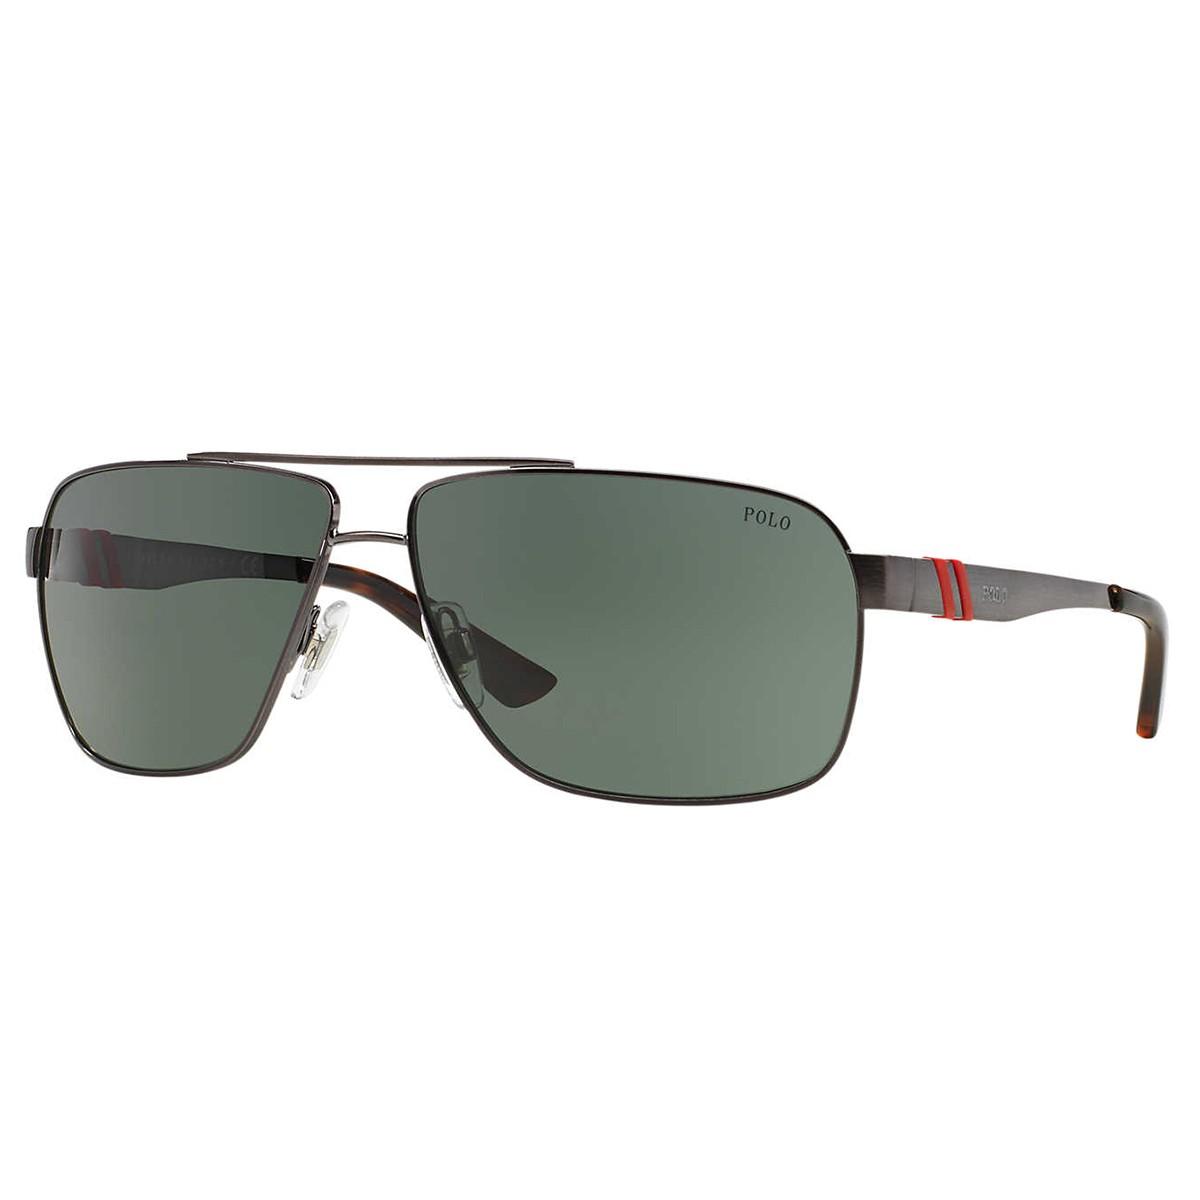 Compre Óculos de Sol Polo Ralph Lauren em 10X  4b659380f1a